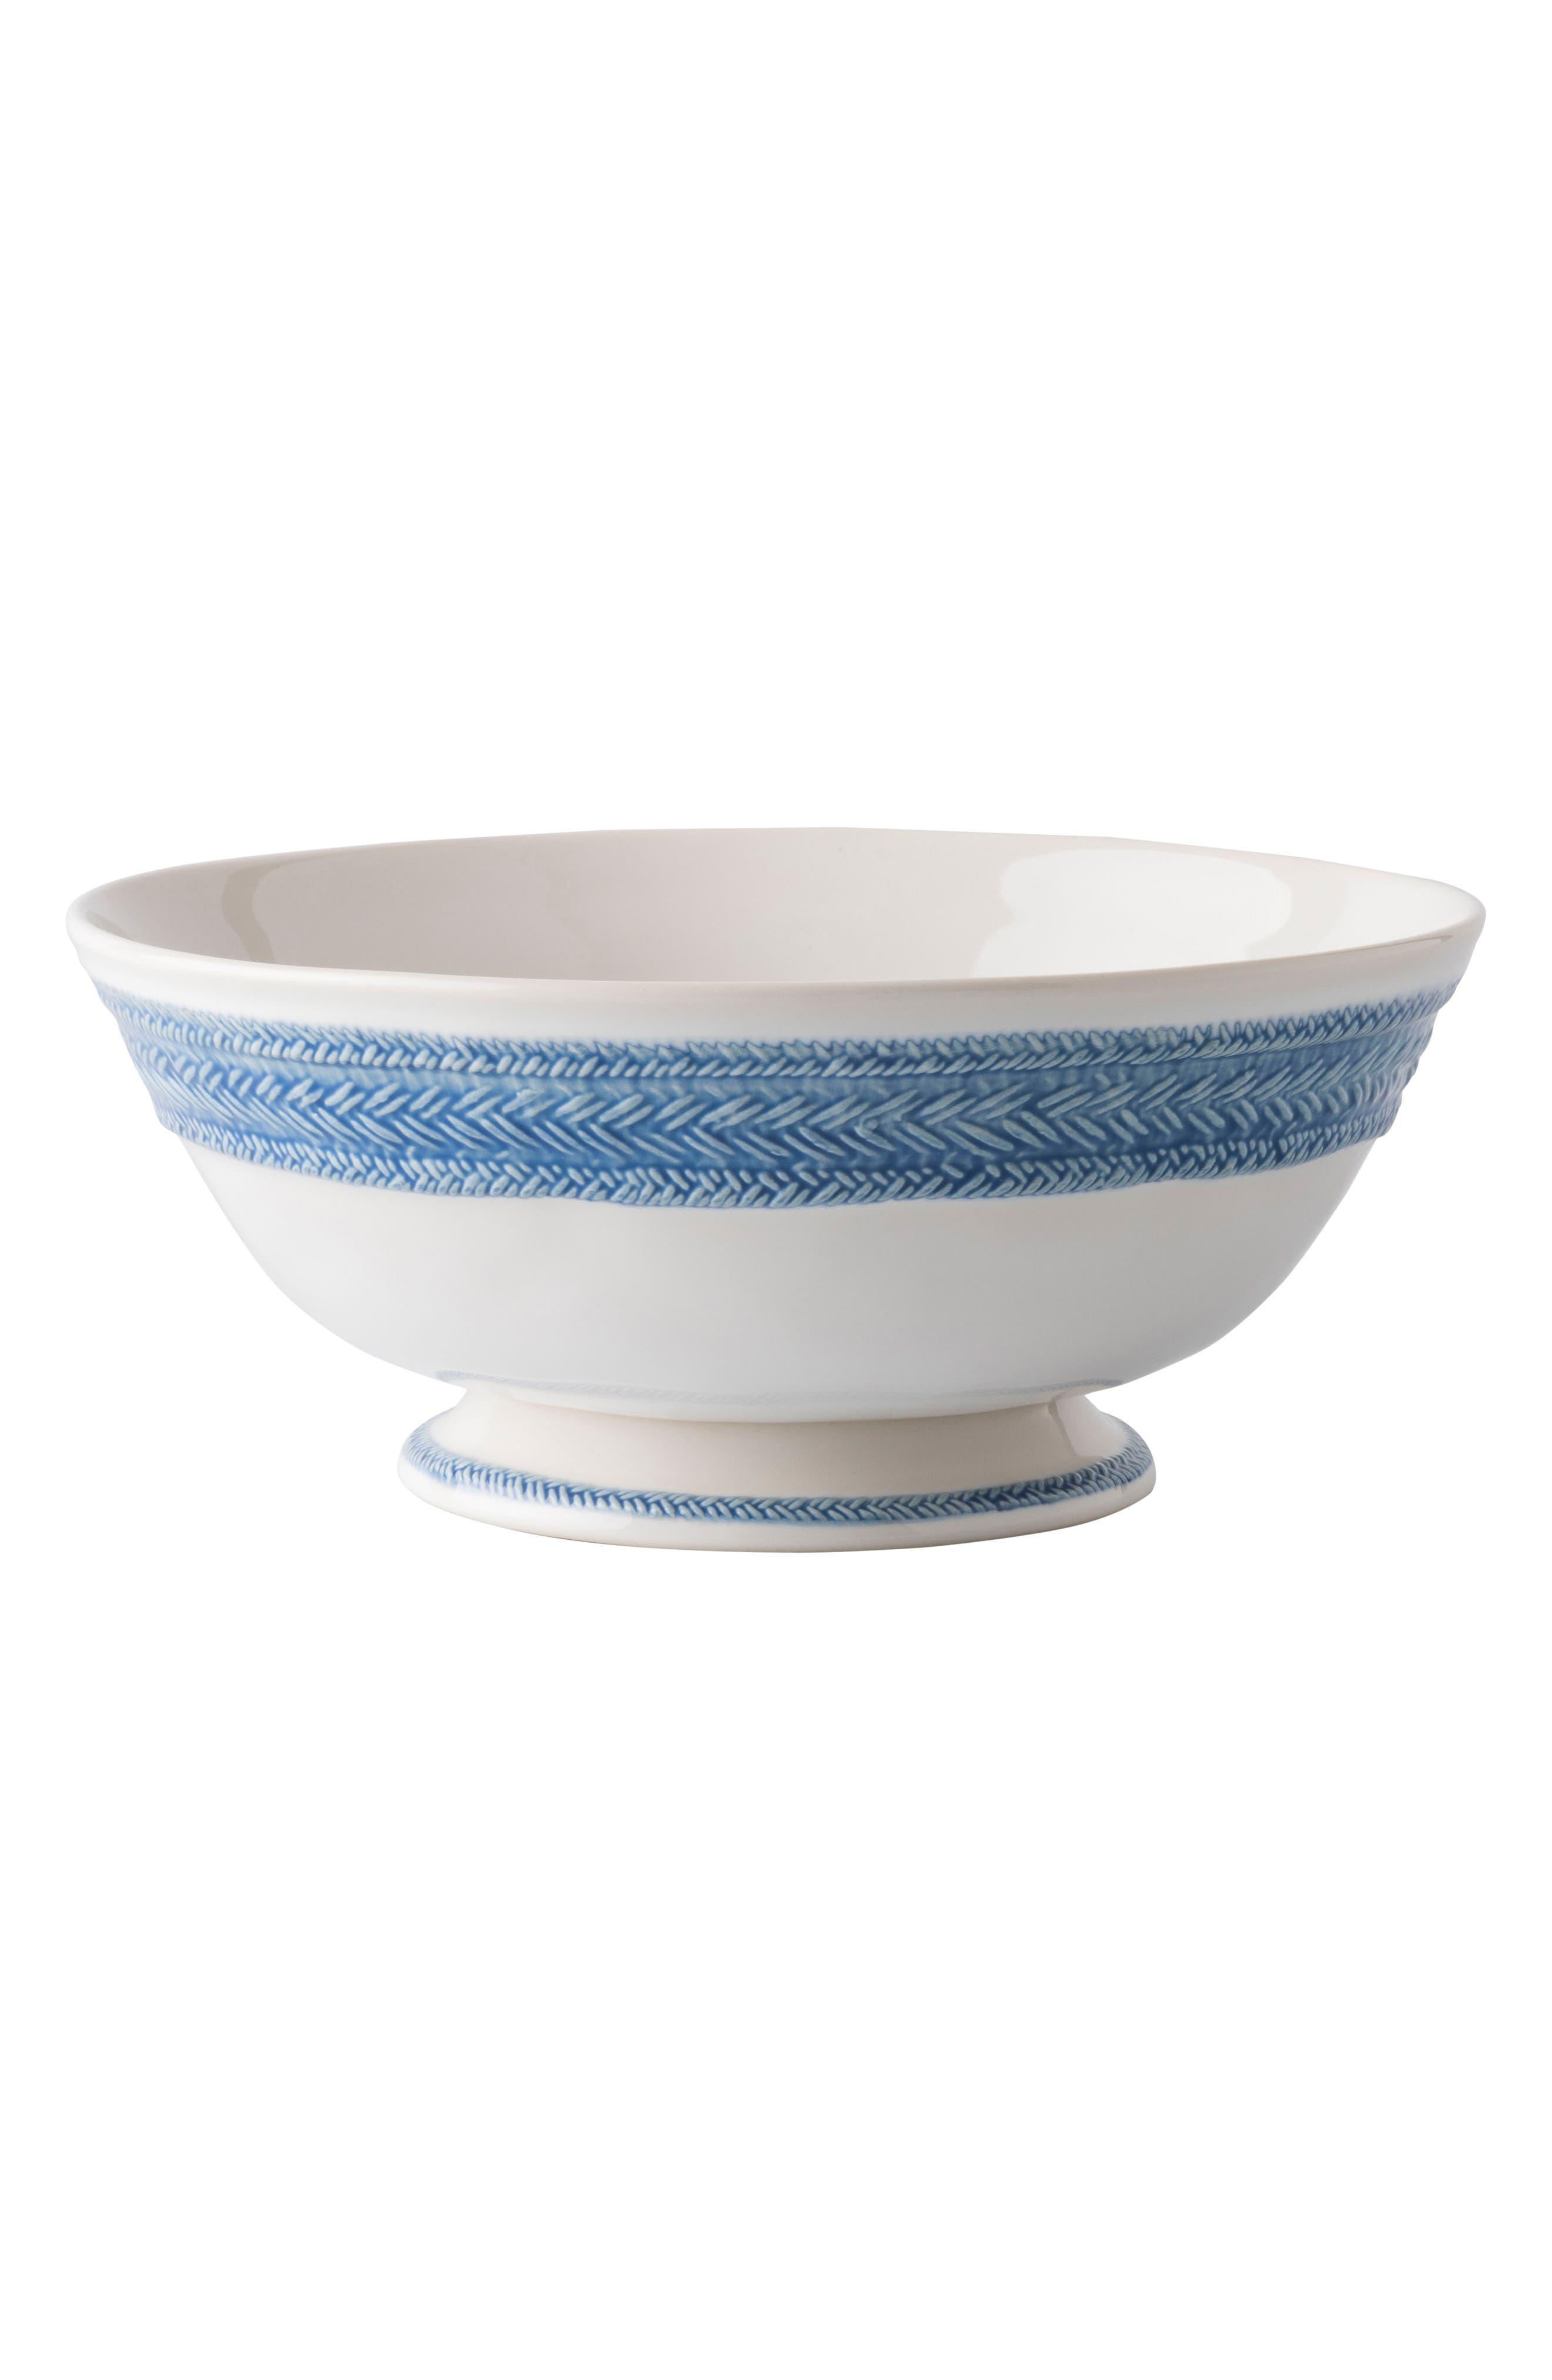 Le Panier Footed Fruit Bowl,                             Main thumbnail 1, color,                             WHITEWASH/ DELFT BLUE